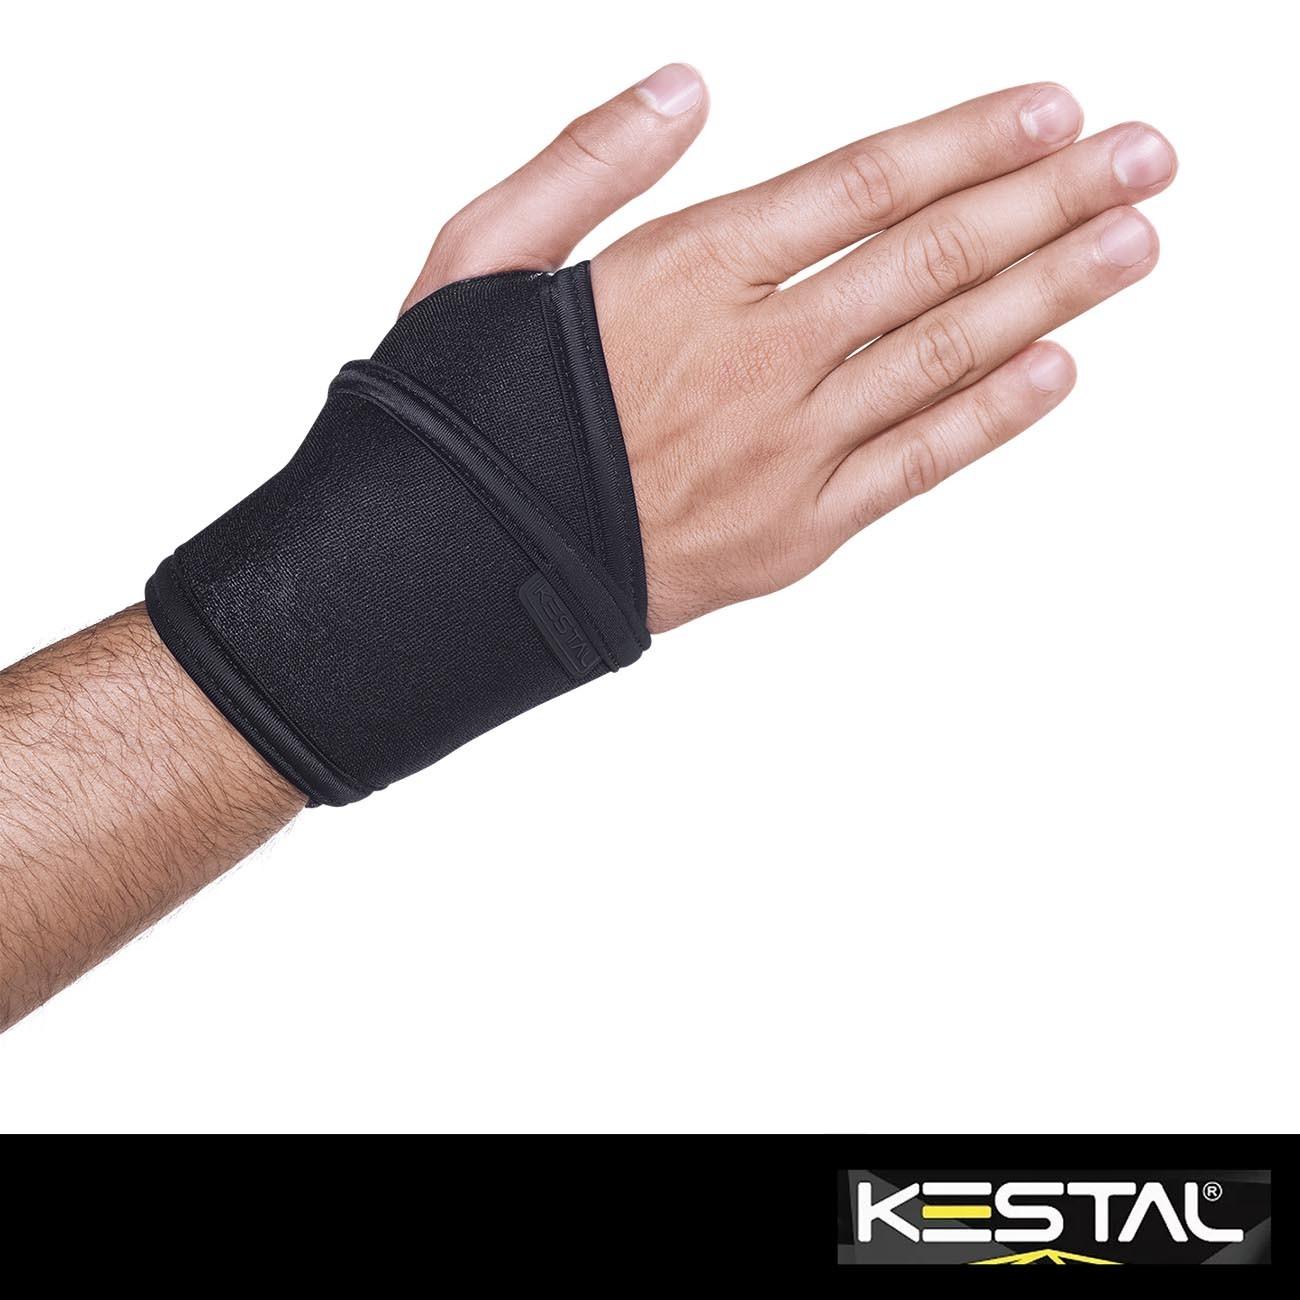 Munhequeira Bumerangue Ajustável (KSN030) - Kestal